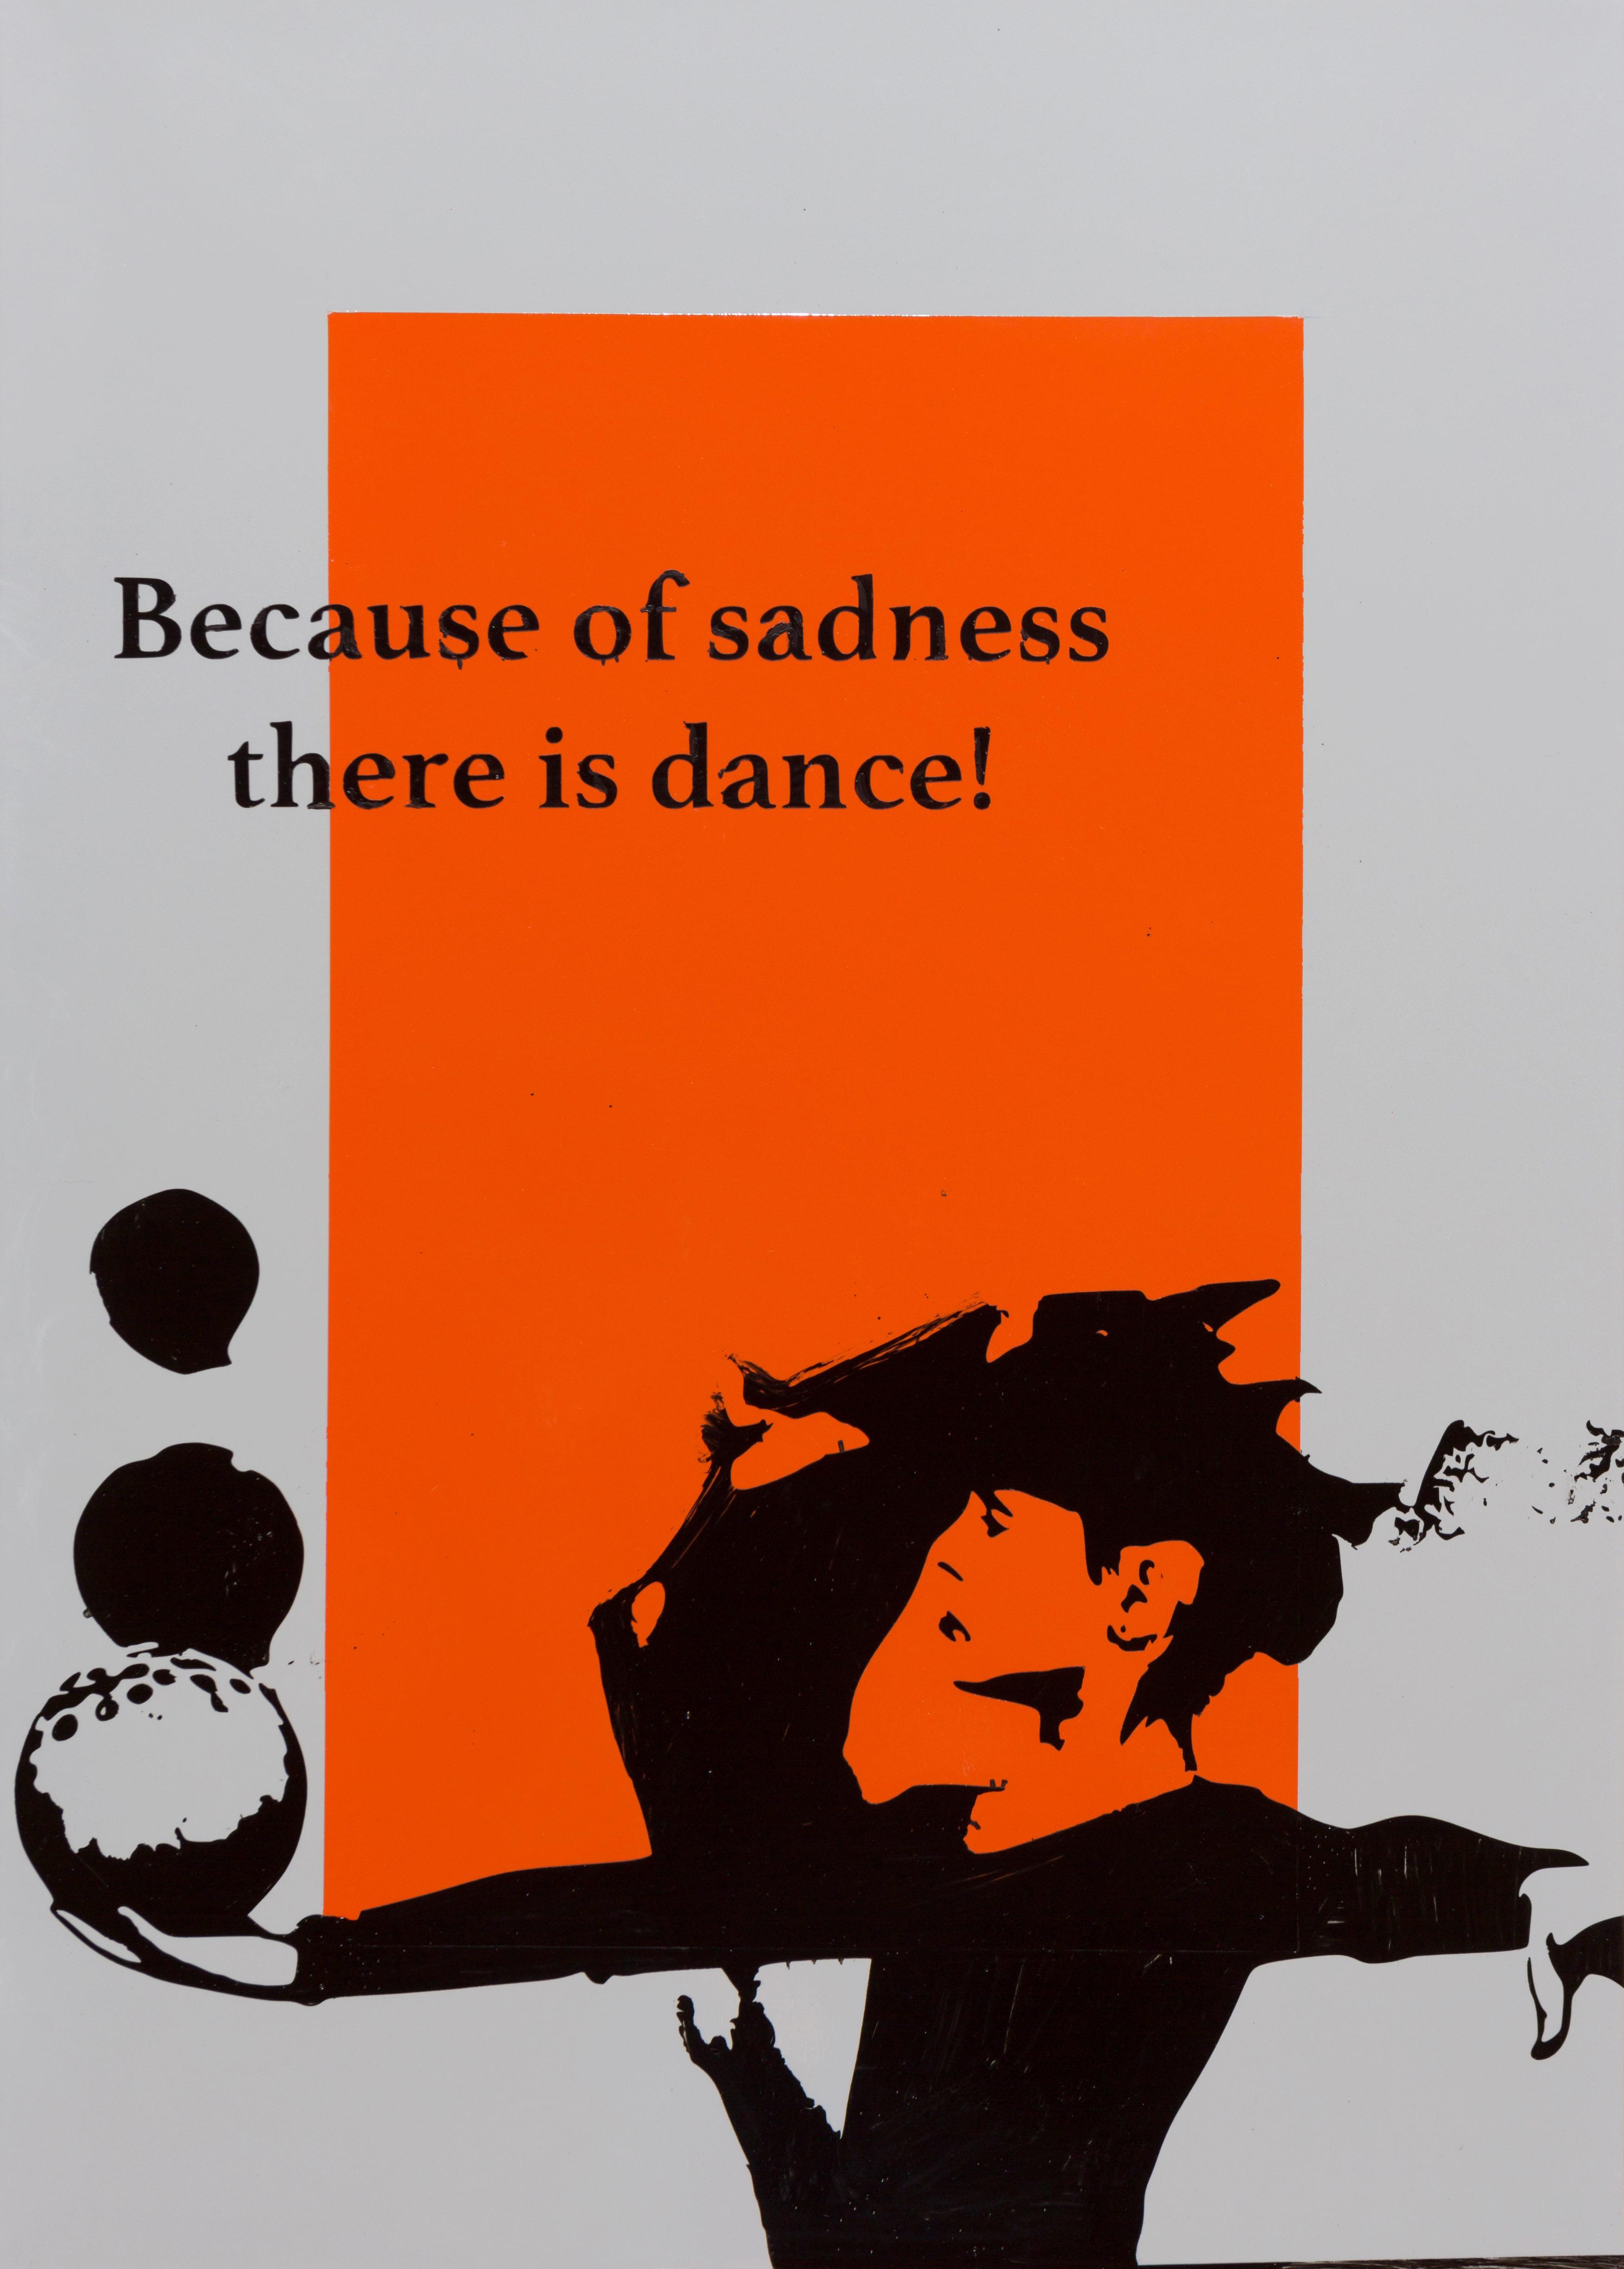 Marinella Senatore, <i>Because of sadness there is dance</i>, 2017. Cortesia da artista e Laveronica arte contemporanea